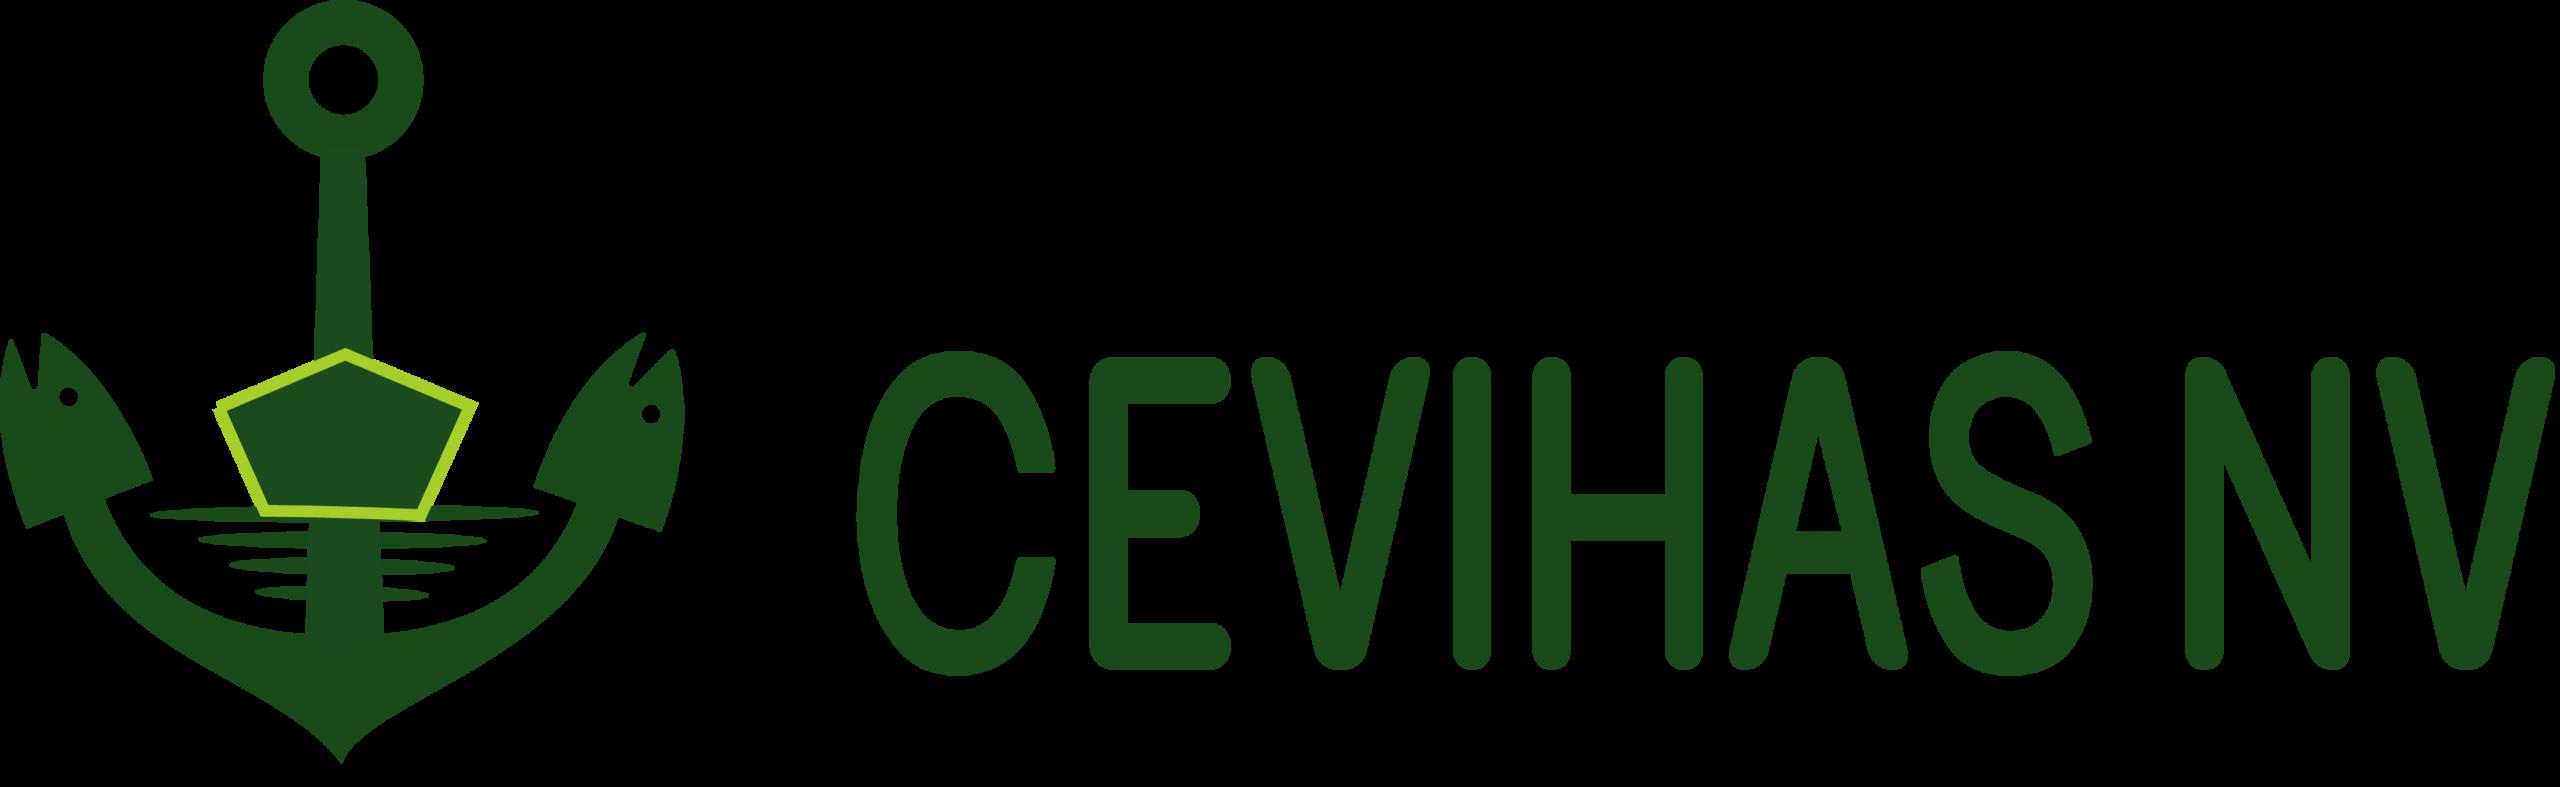 CEVIHAS